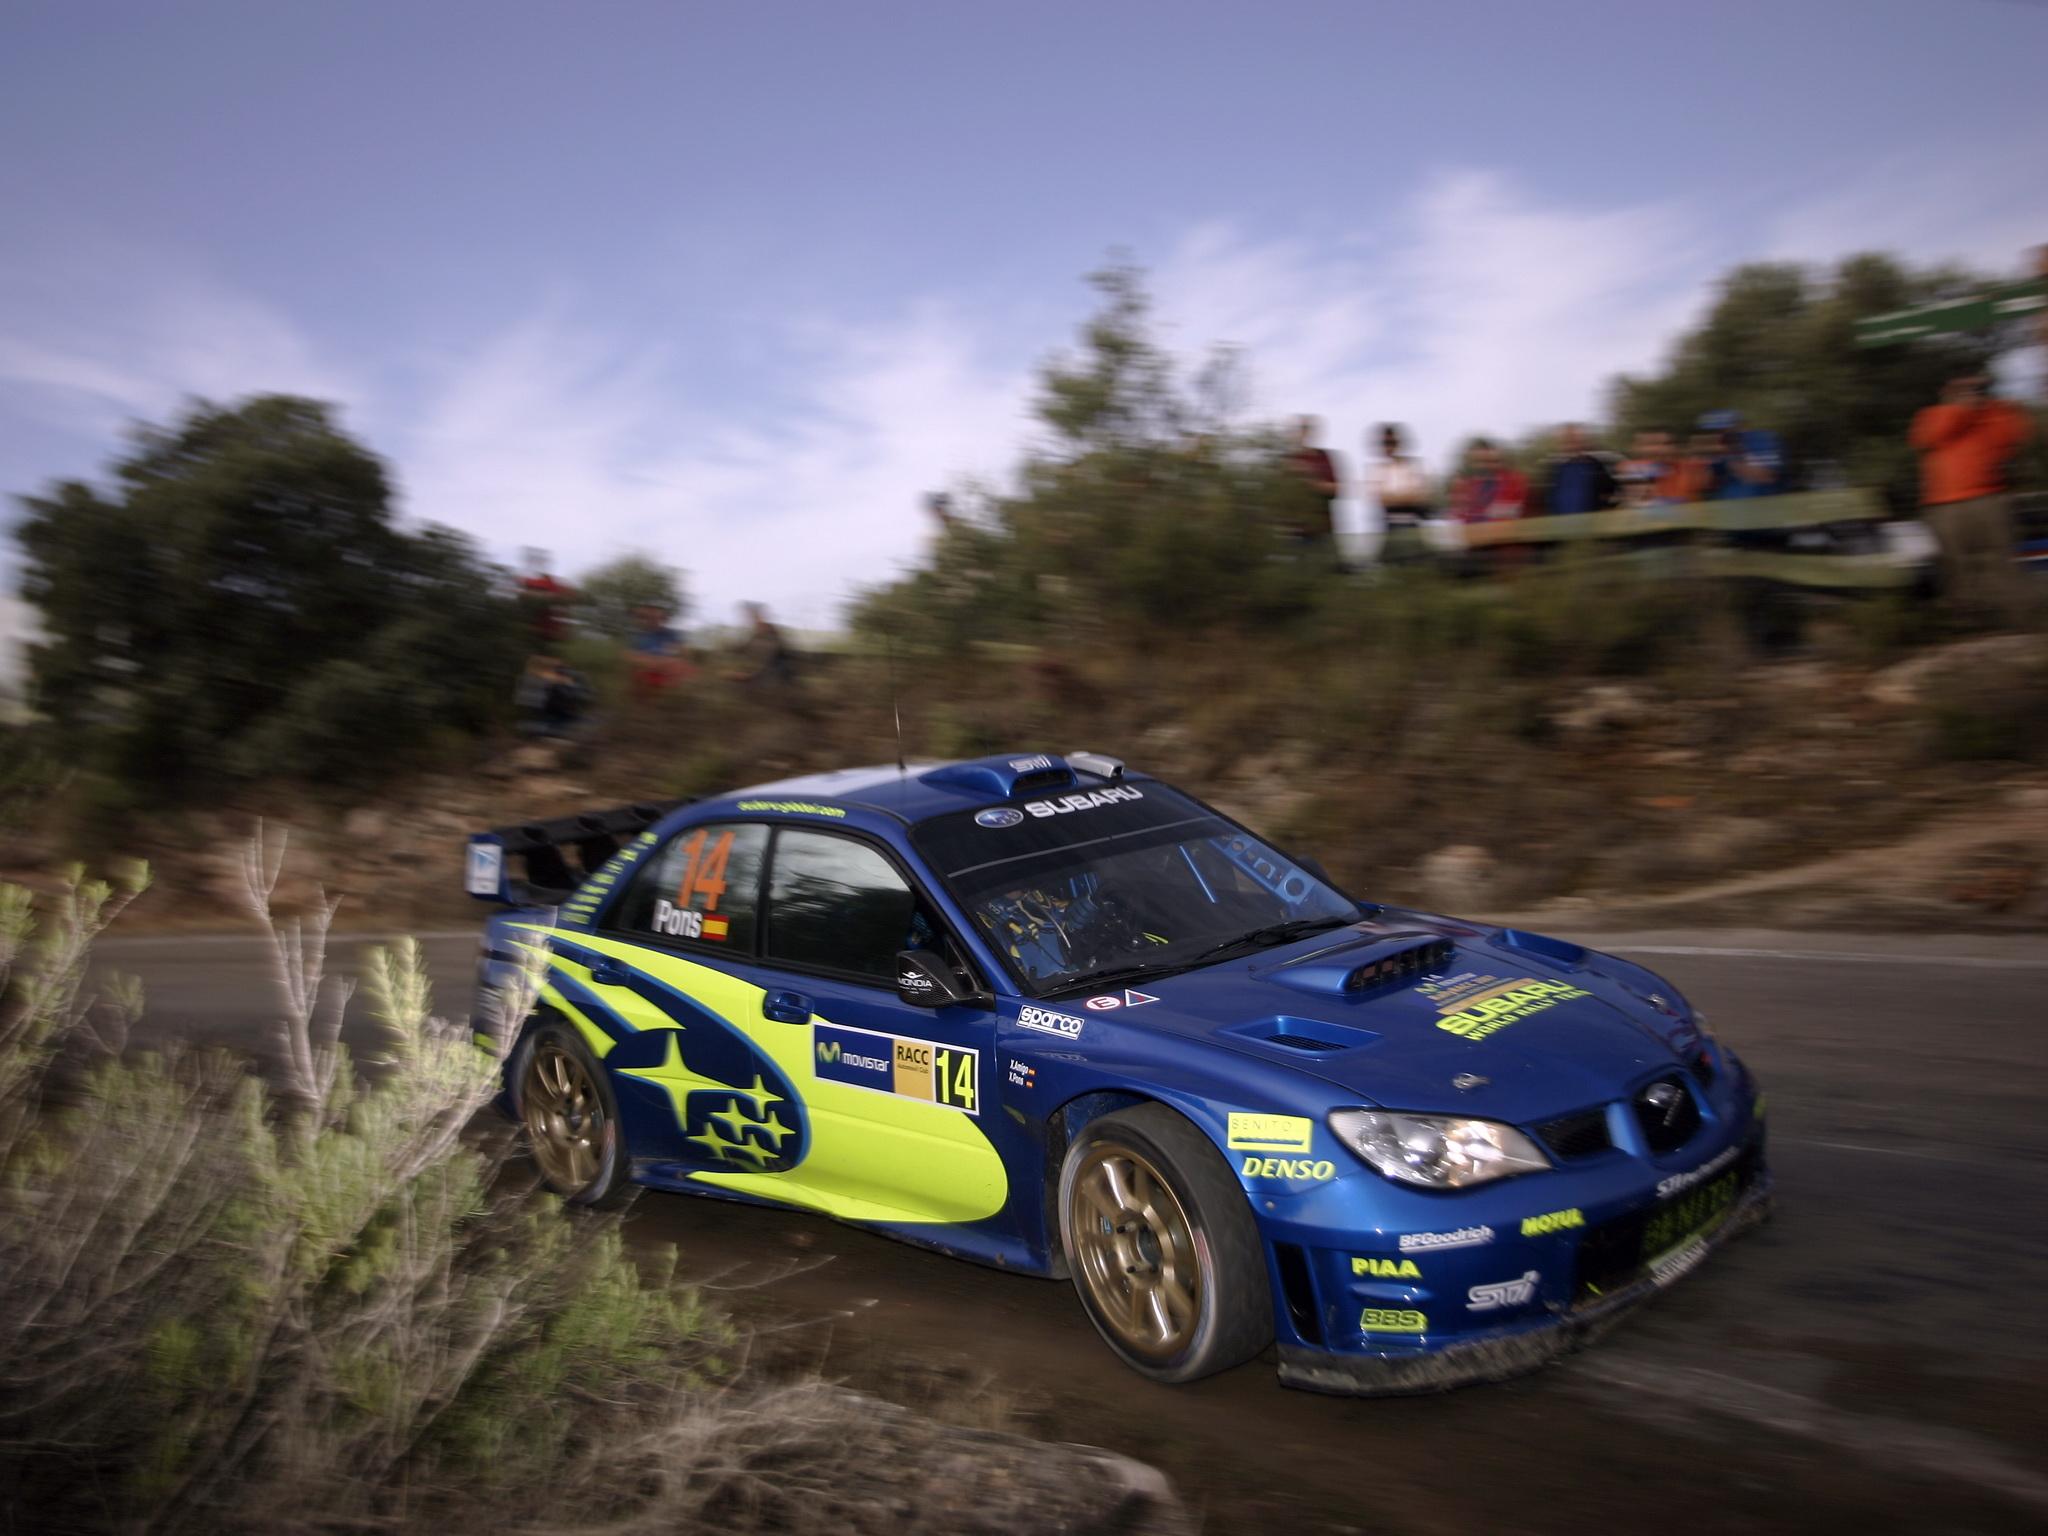 Subaru Impreza Wallpaper Hd Subaru Impreza Wrc Gd 2006 08 Full Hd Wallpaper And